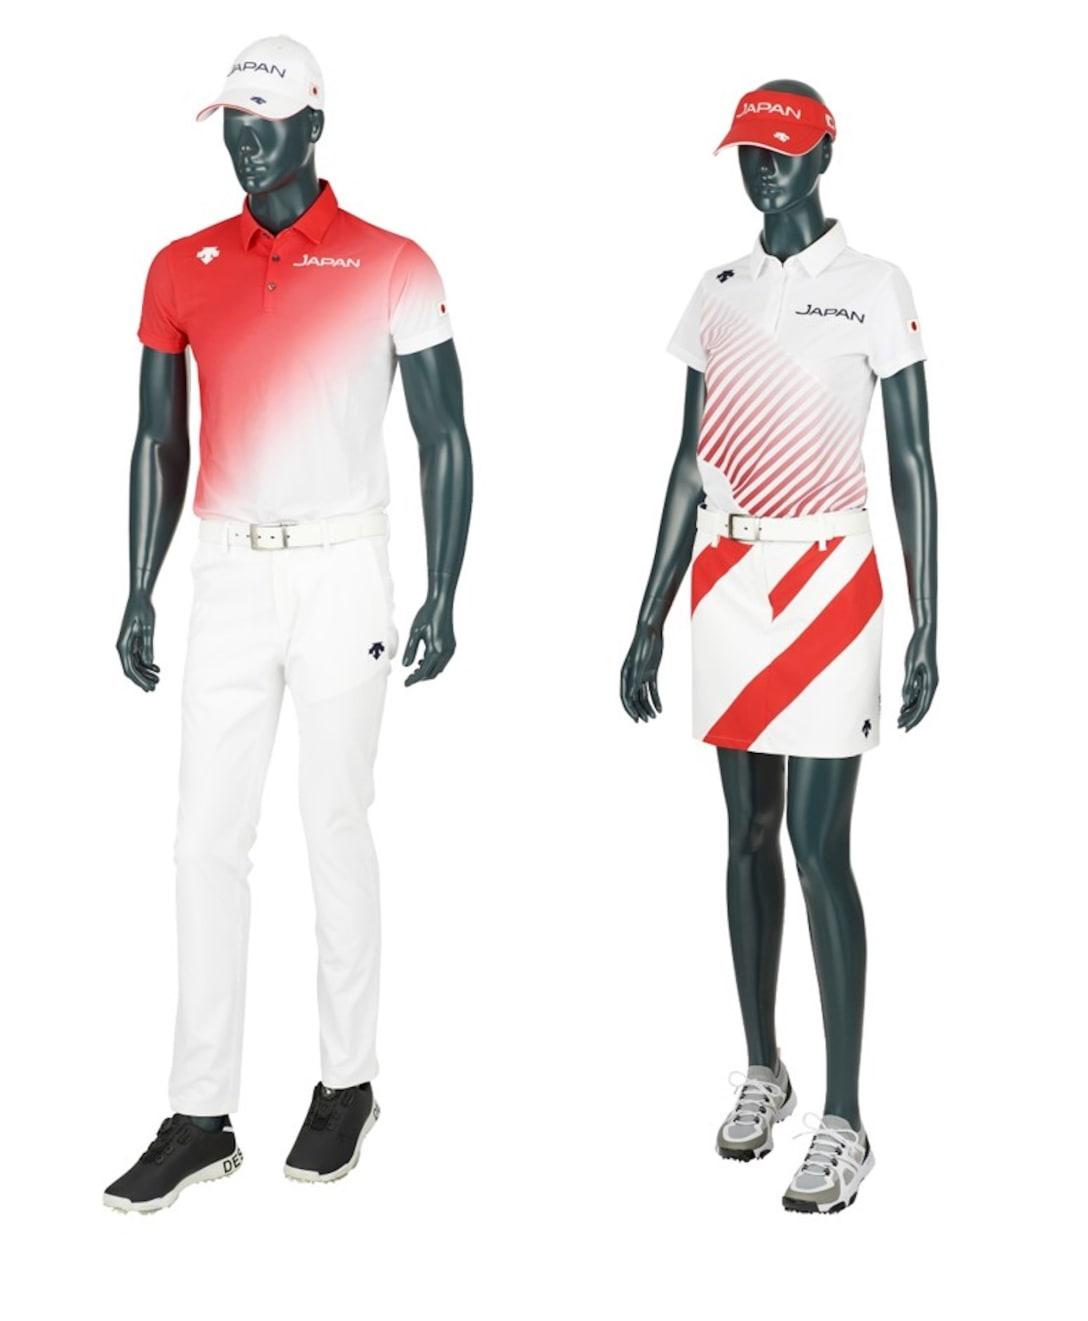 ゴルフ代表ユニフォームのレプリカ Image by デサント